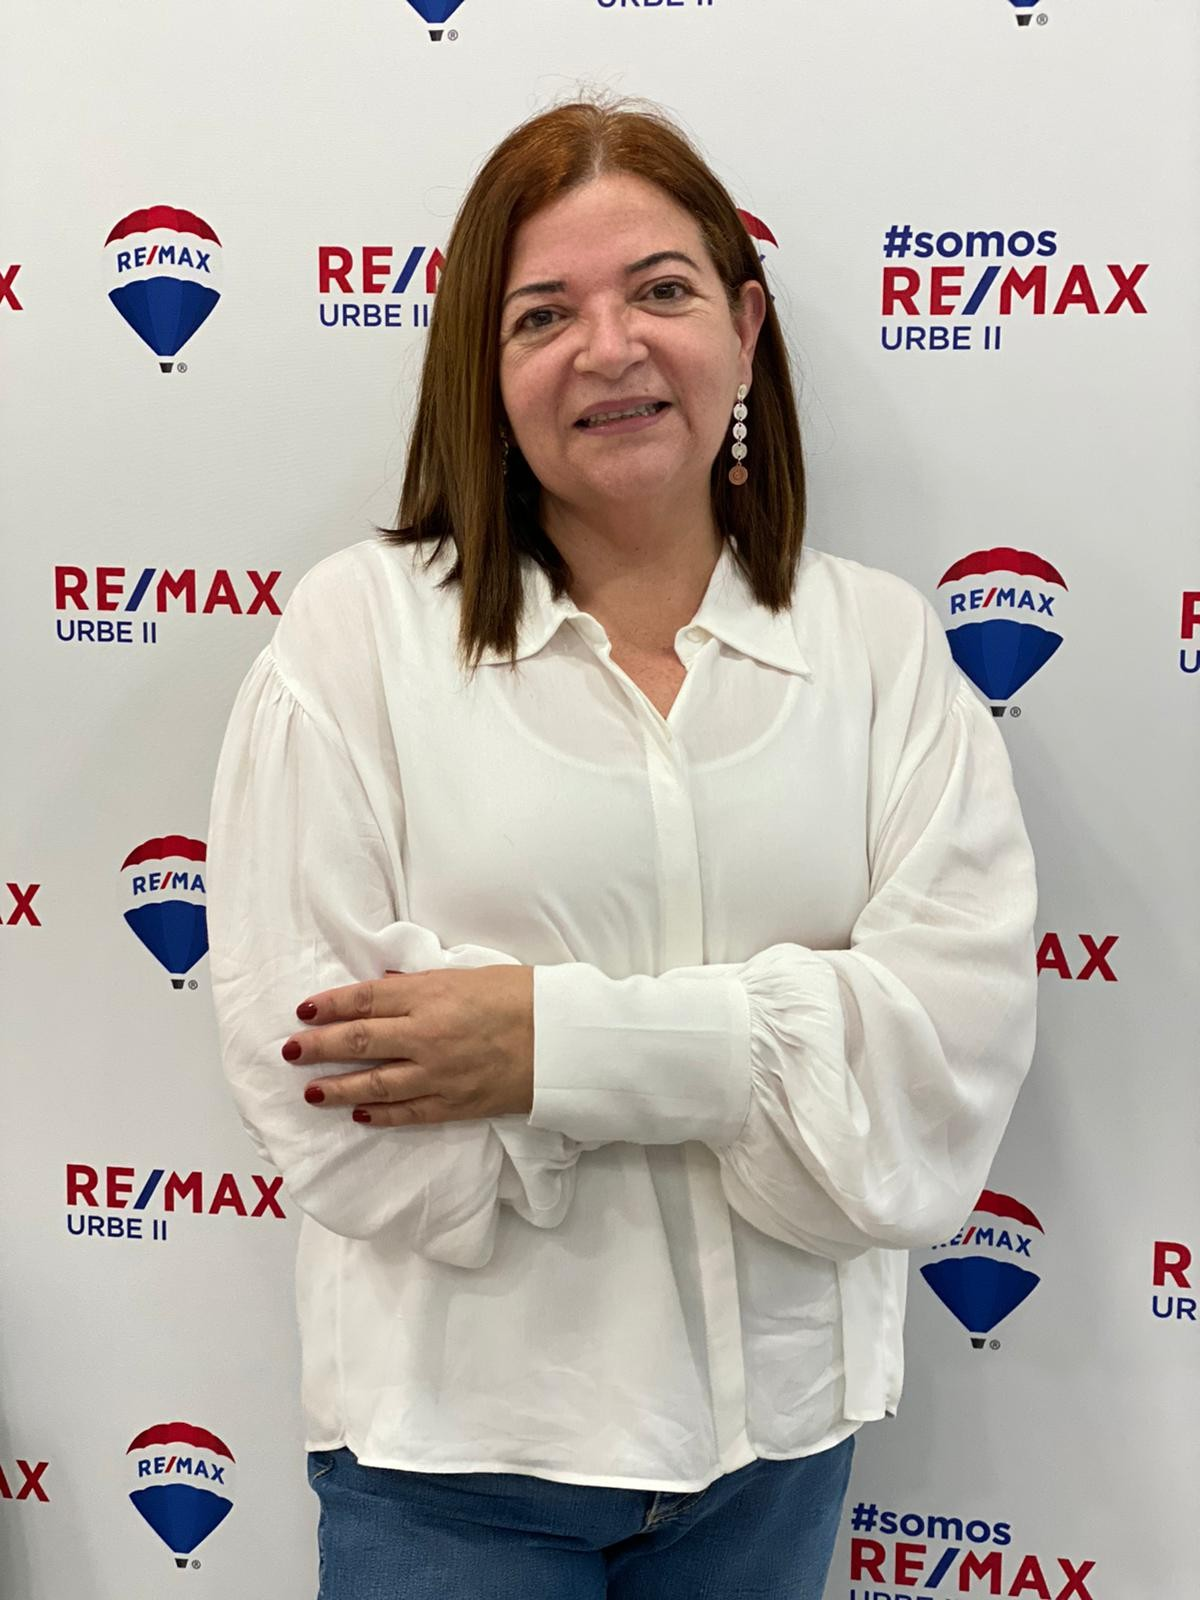 Ana Luisa Quevedo